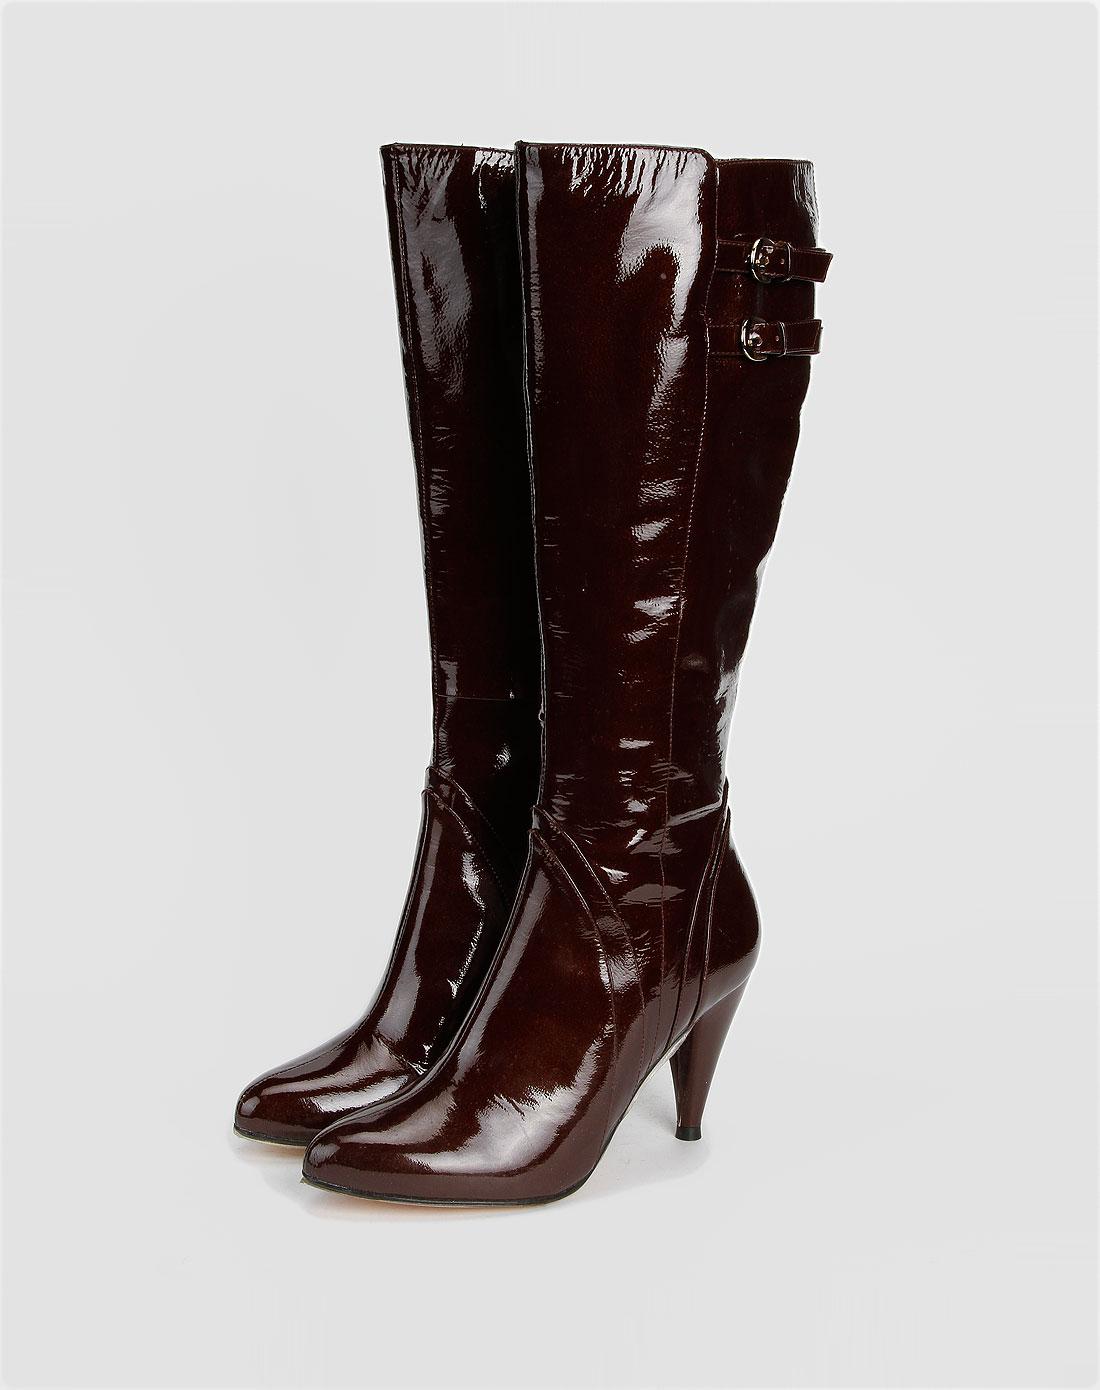 女鞋库存专场安玛莉 酒红色长筒高跟鞋